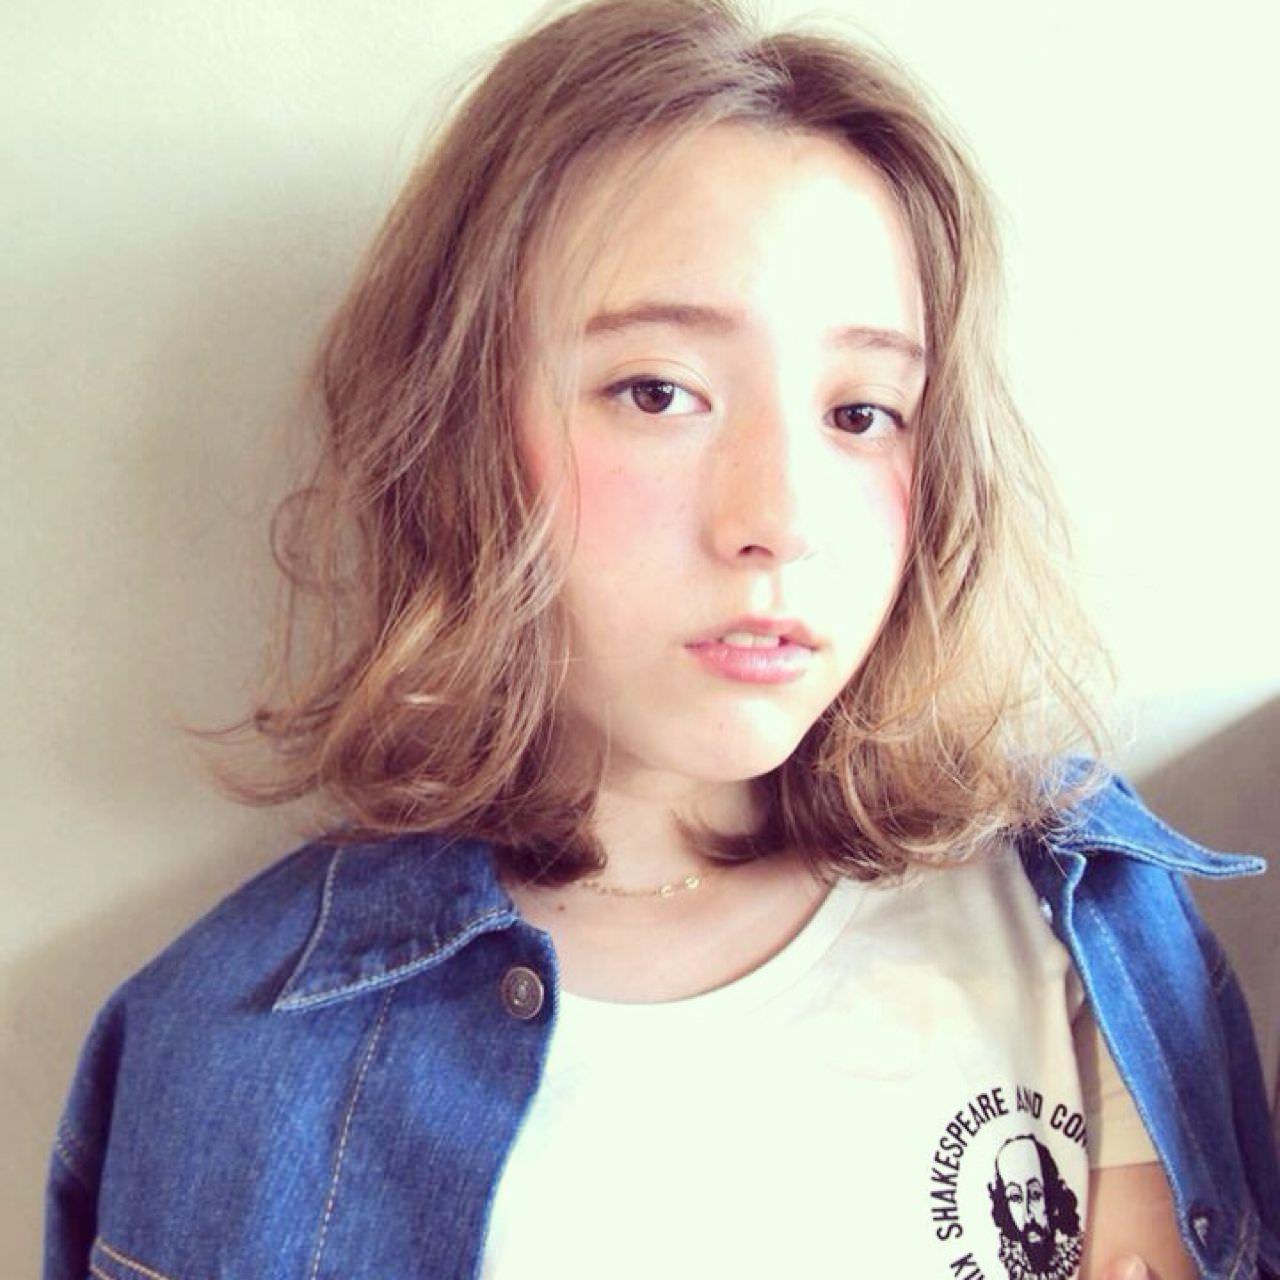 微妙な長さの髪がもっと可愛くなるヘアアレンジ